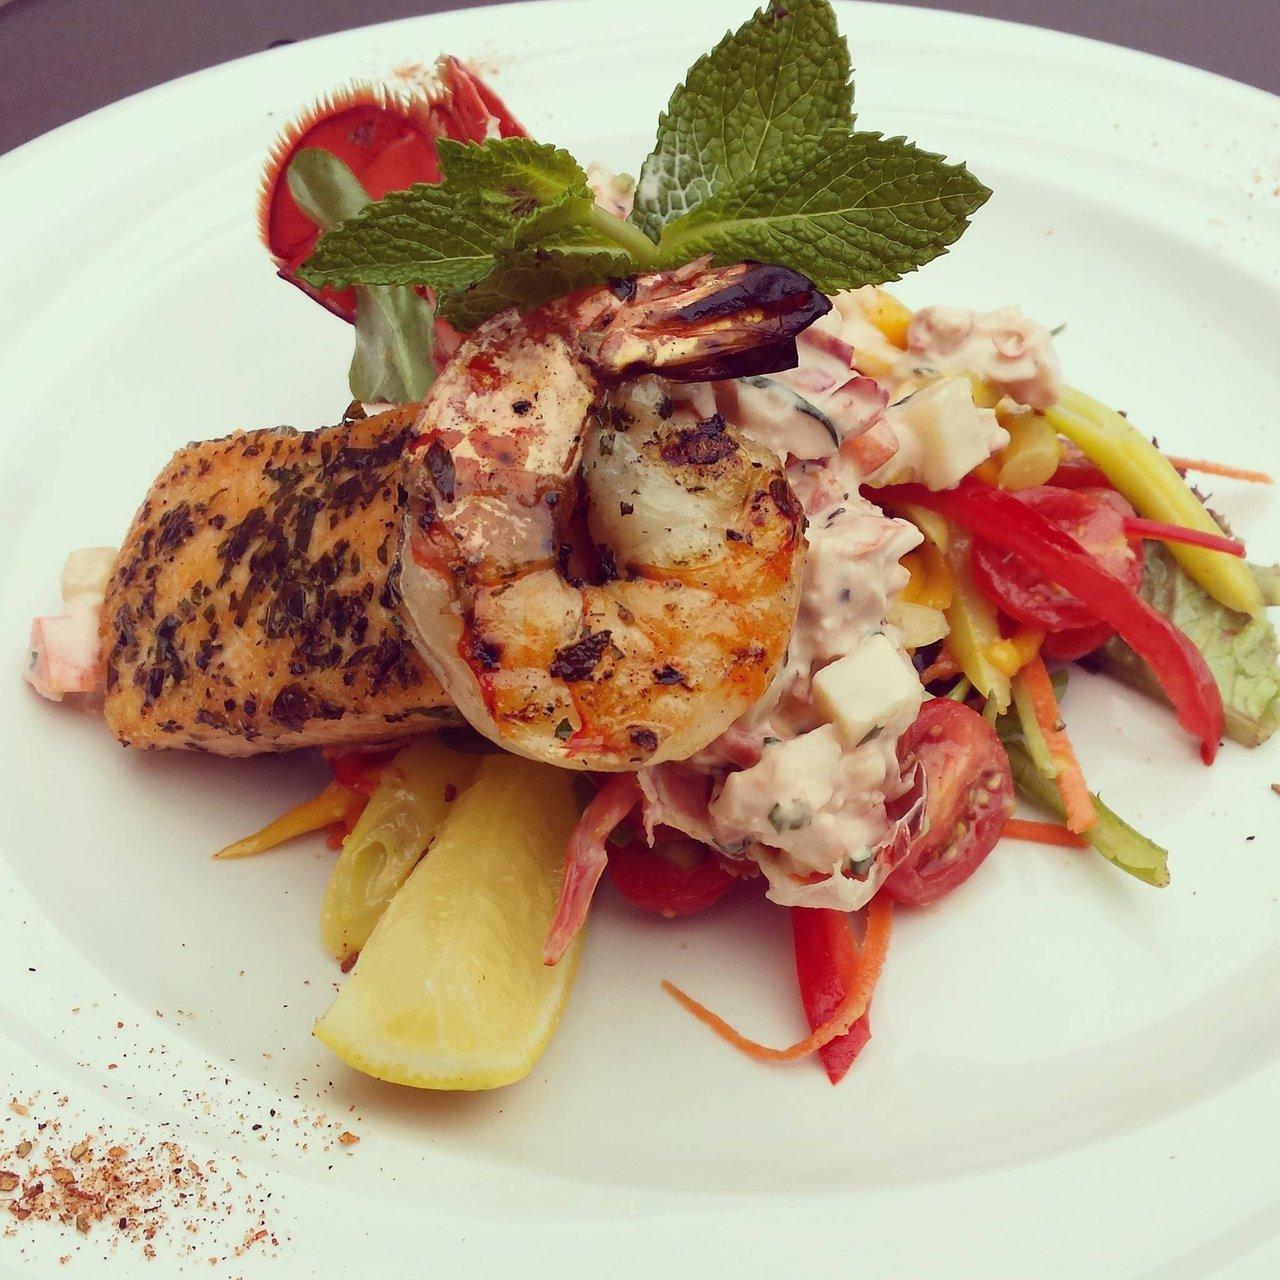 Seafood Salad at Trattoria Timone Ristorante